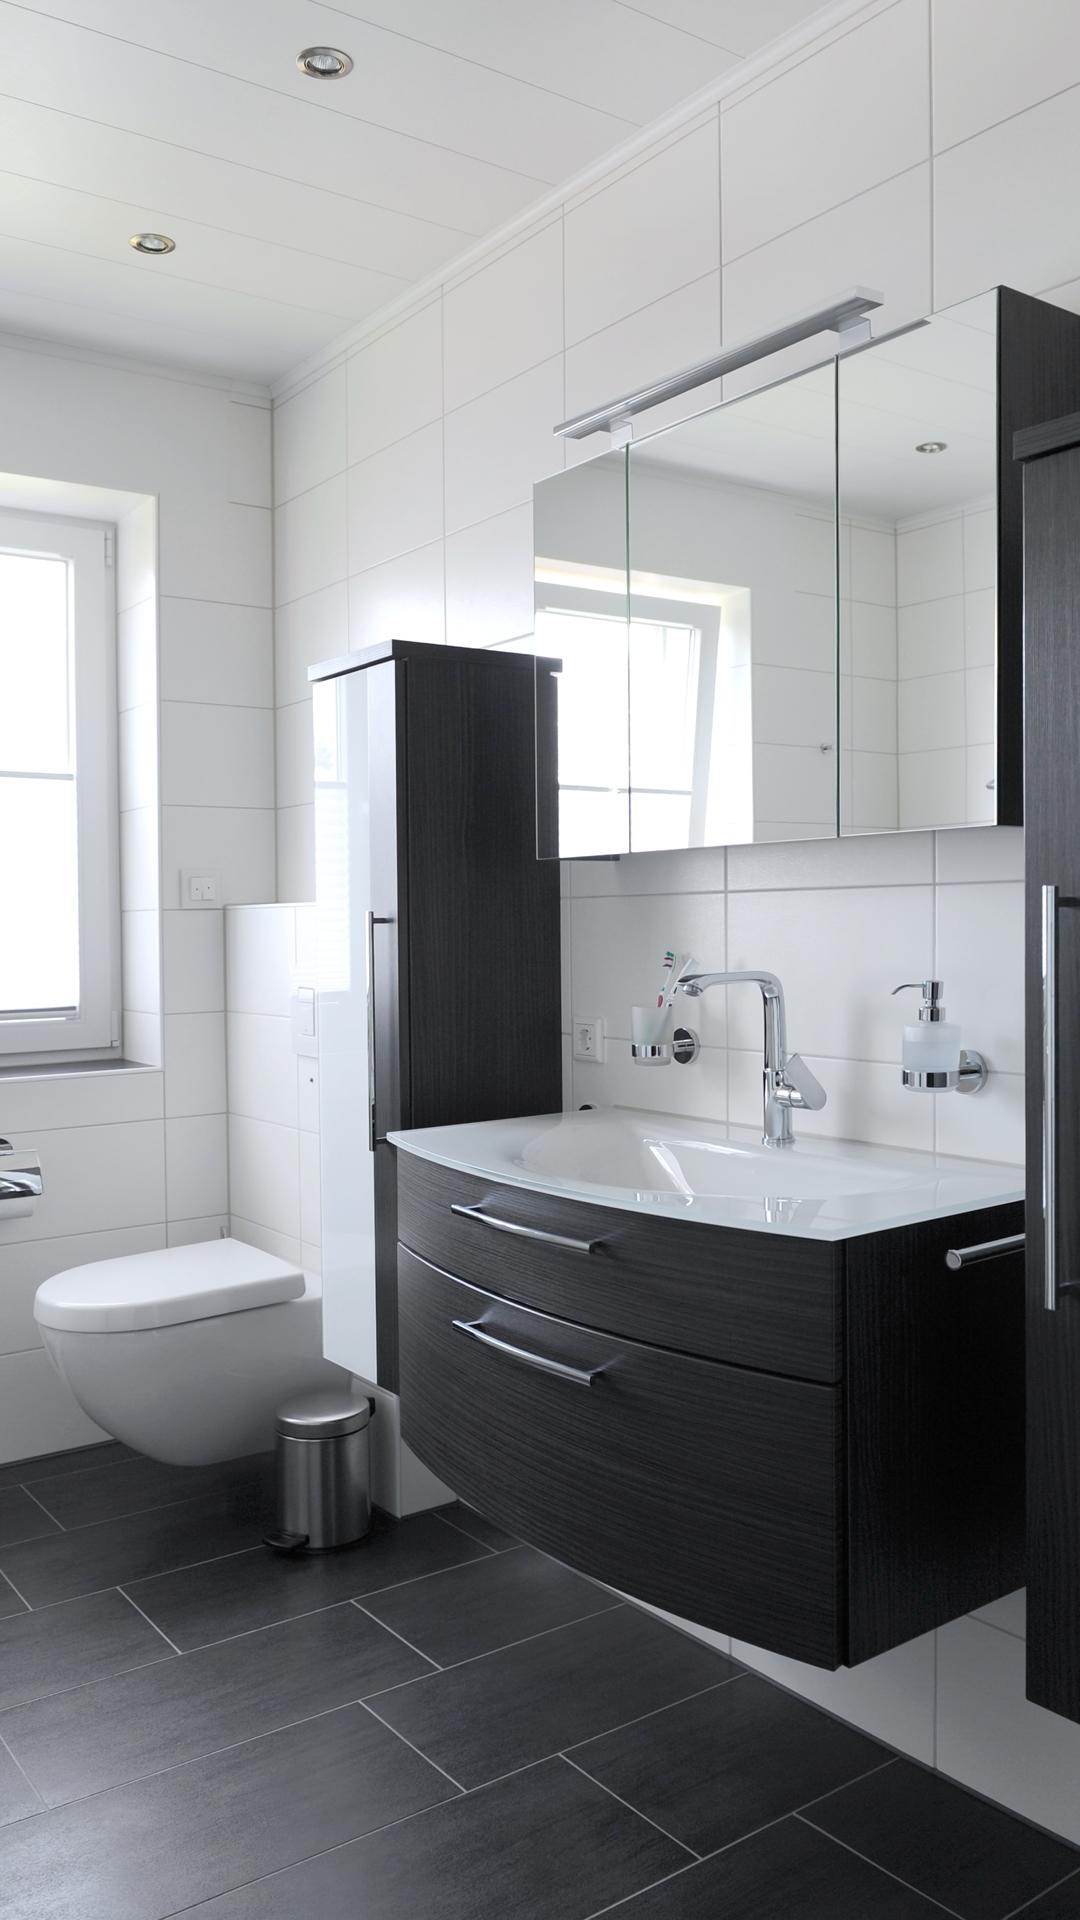 Bad in schwarz-weiss und dunkler Waschtischanlage